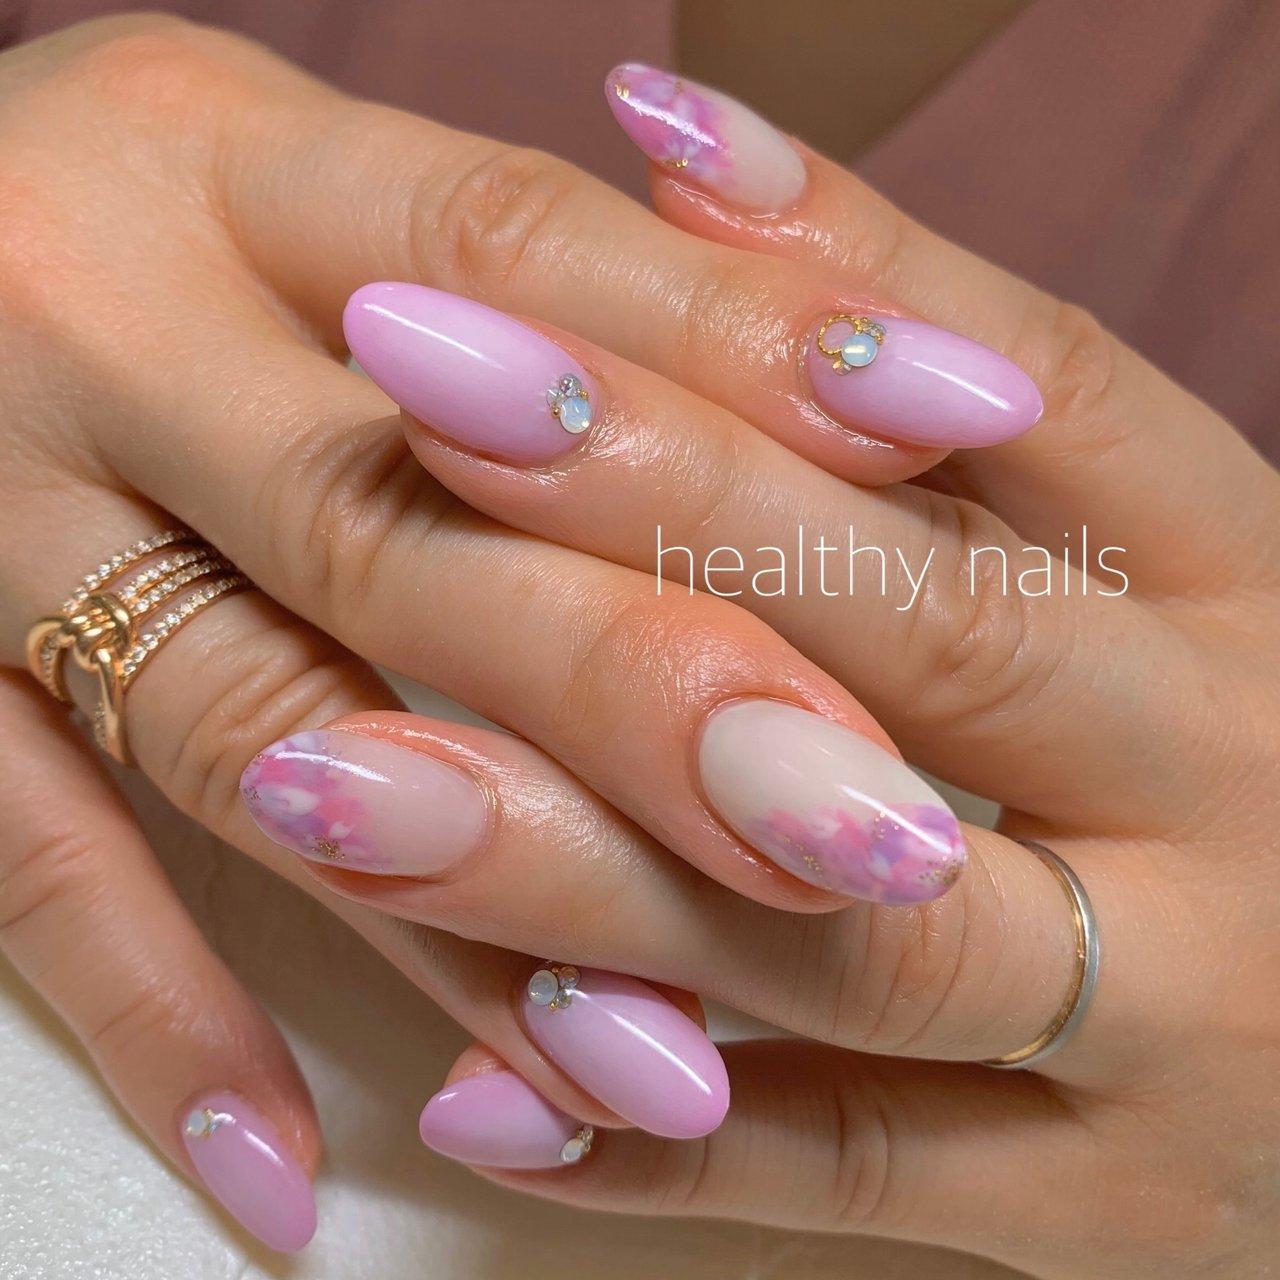 #春 #ピンク #healthy nails #ネイルブック